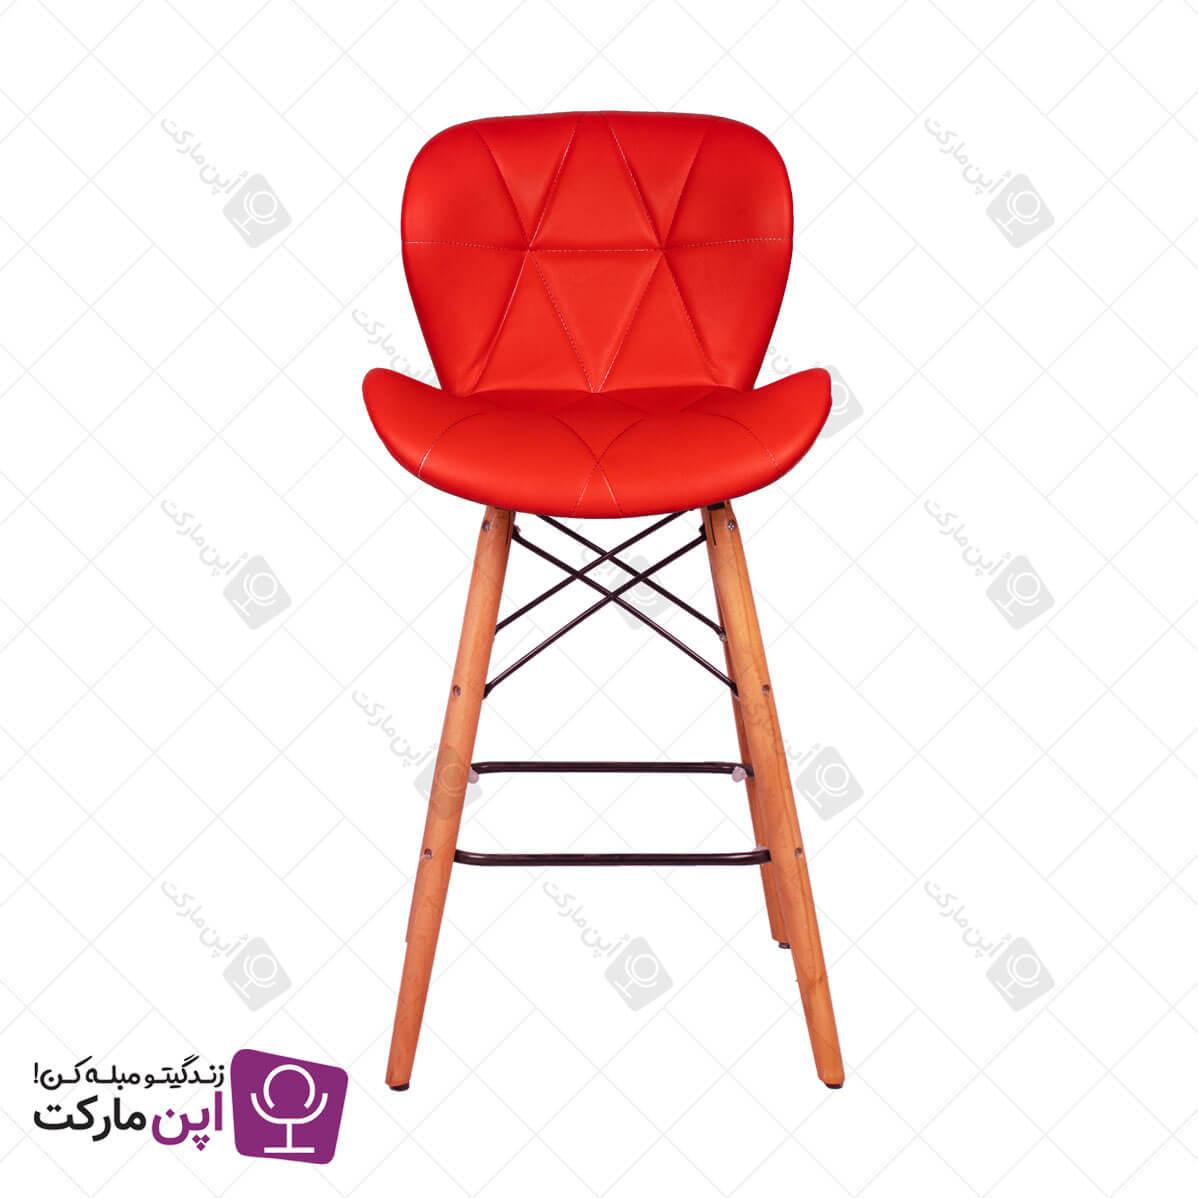 تولیدی صندلی اپن